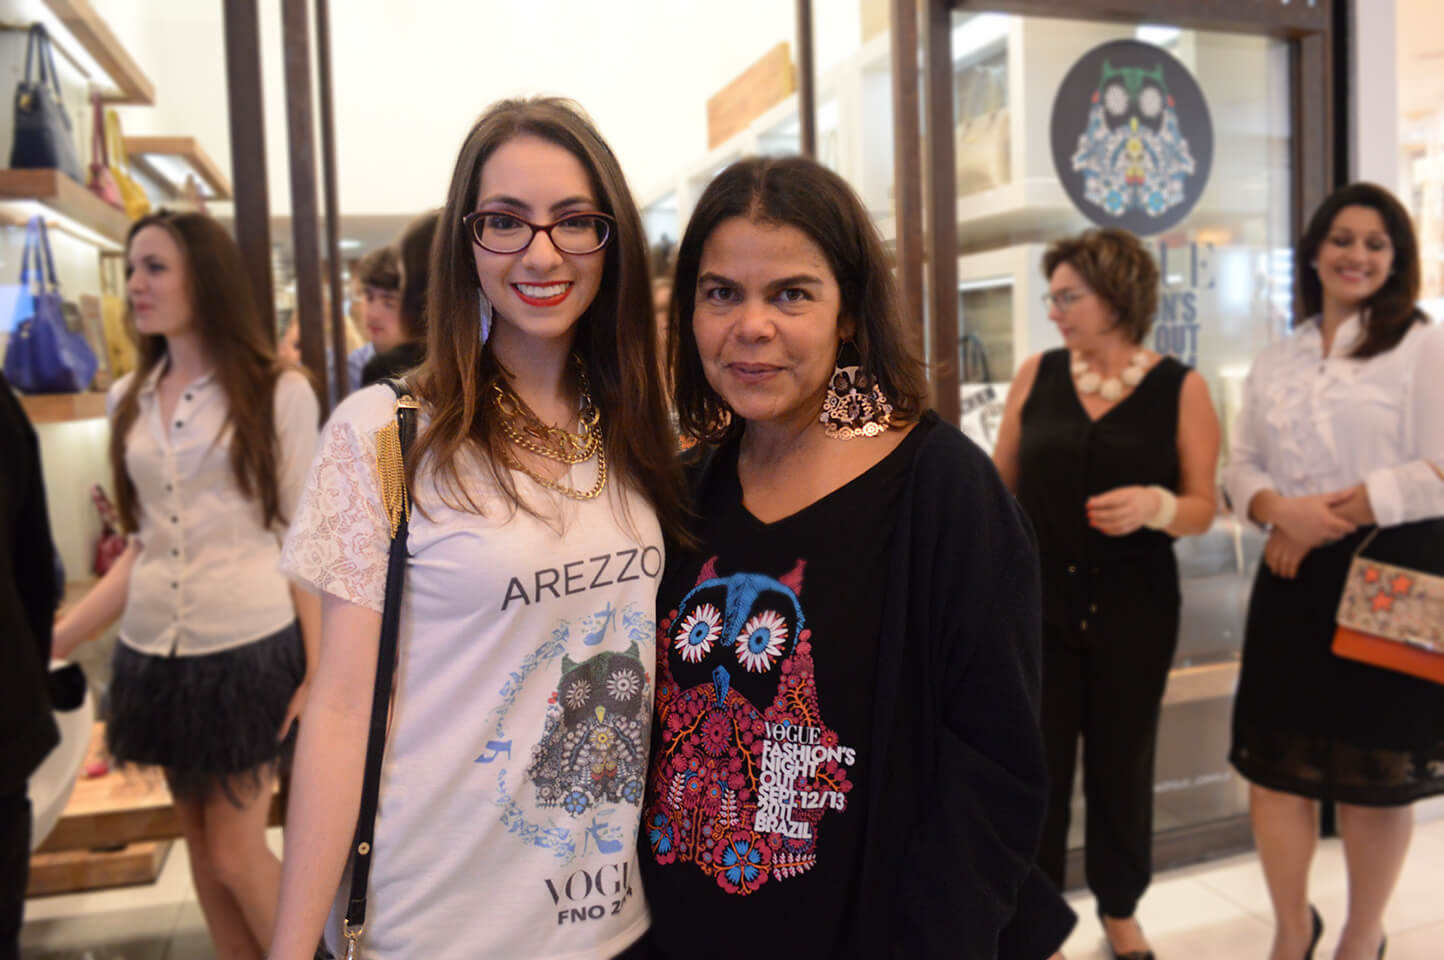 Com Daniela Falcão, diretora de redação da Vogue Brasil durante o VFNO 2014.